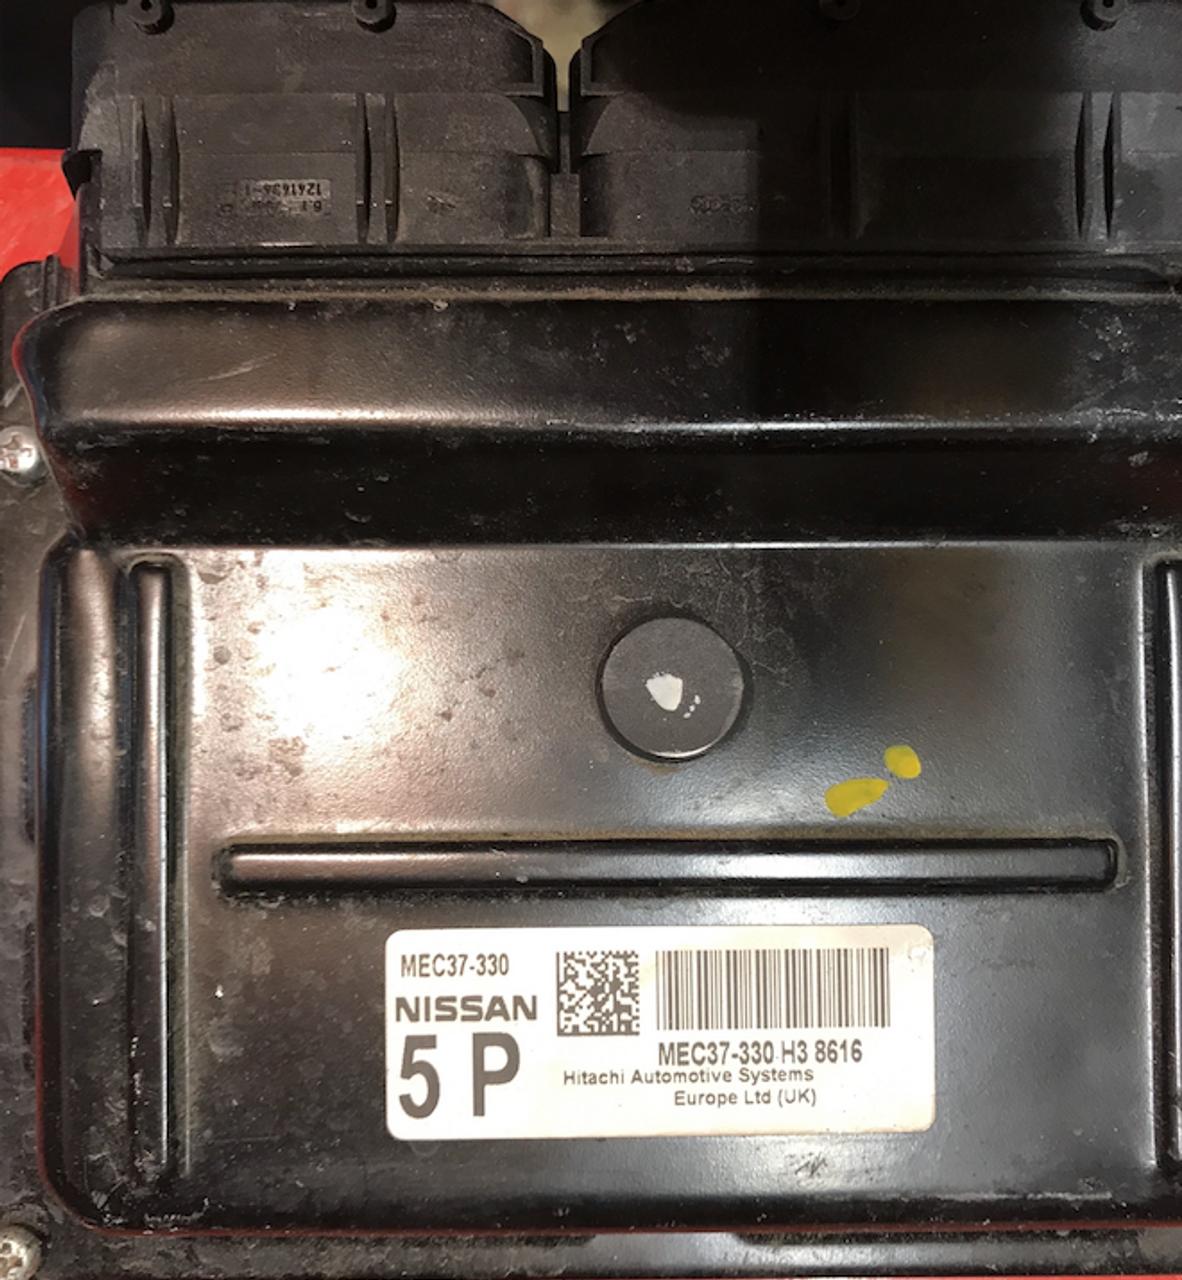 Nissan, MEC37-330 H3, 5P